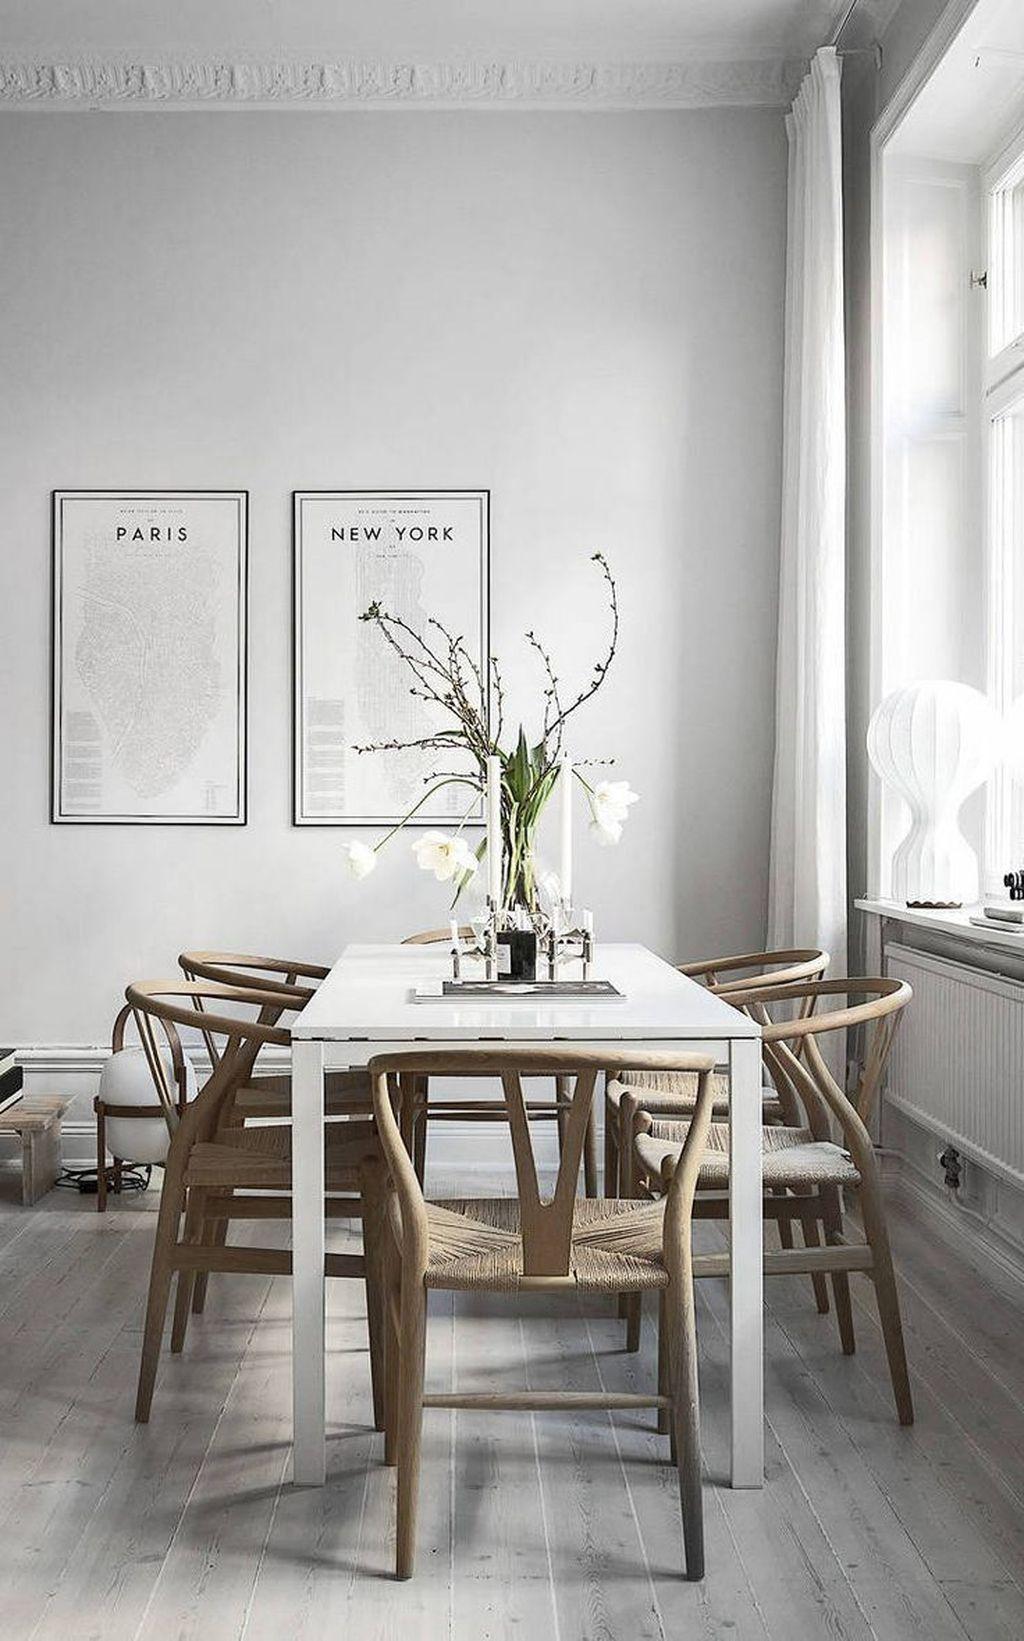 96 inspiring modern dining room design ideas dining room rh pinterest com